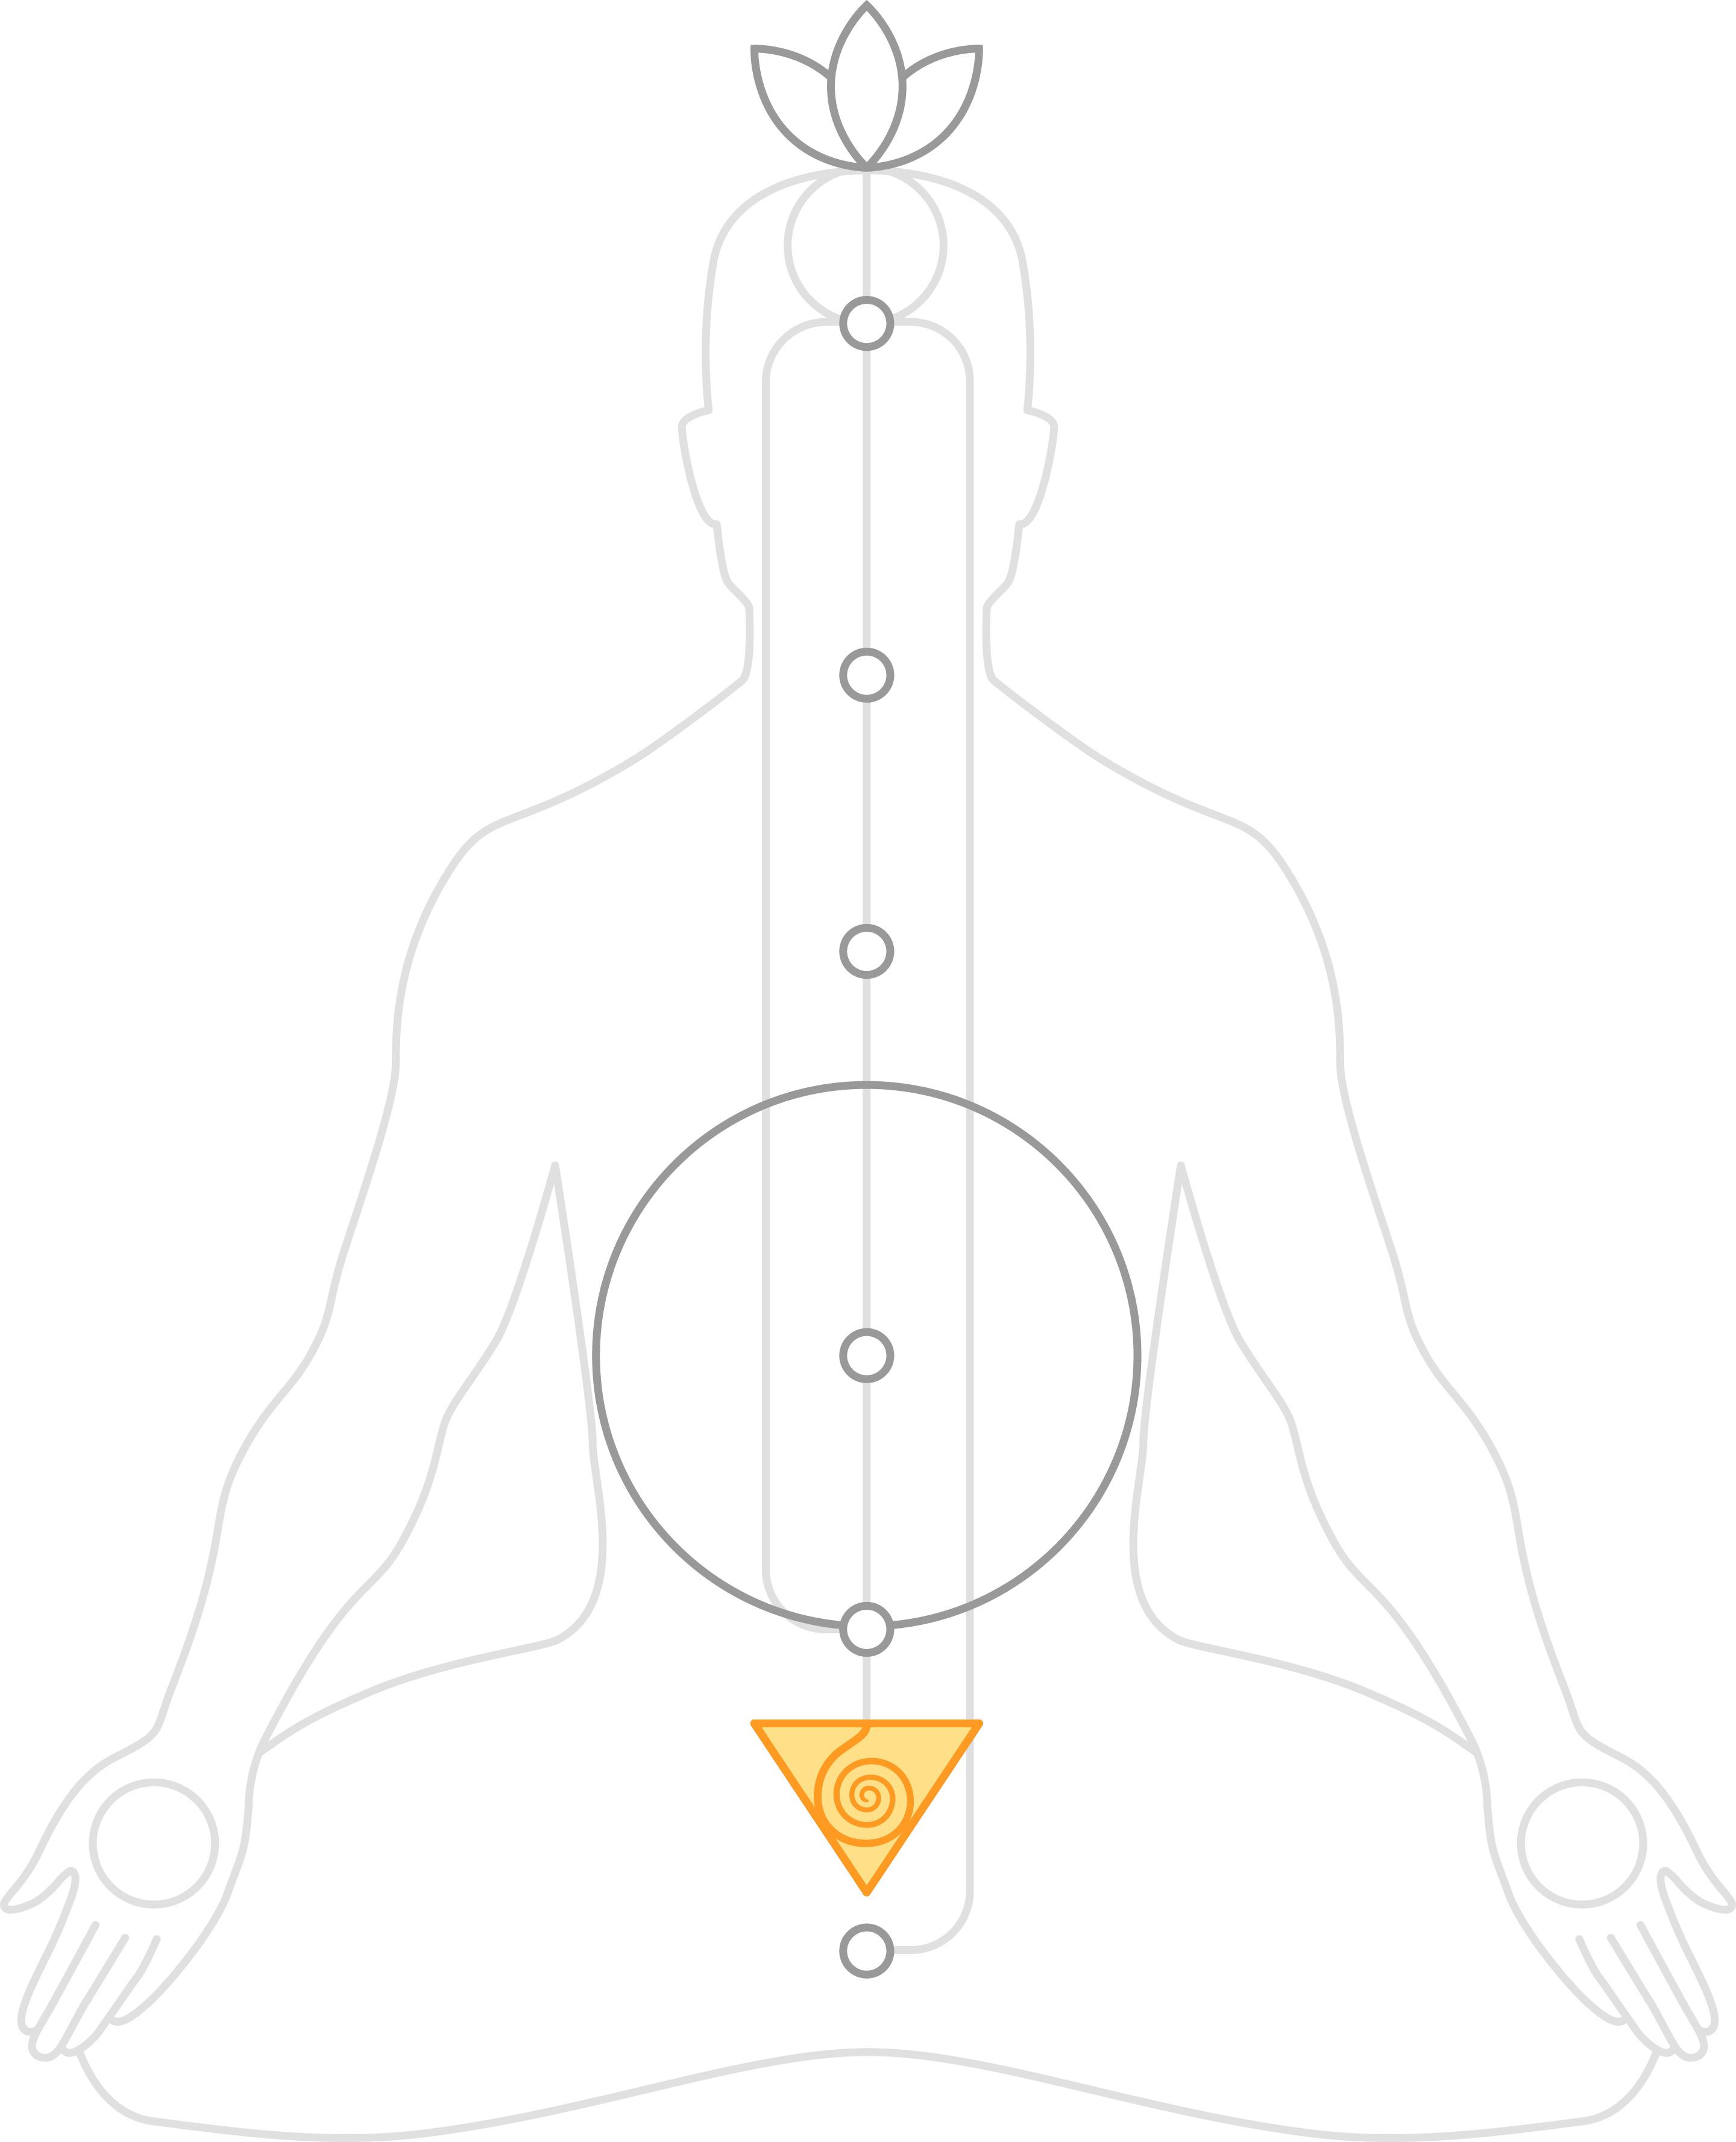 До пробудження енергія Кундаліні перебуває скрученою у три з половиною оберти і міститься у кісточці сакрум внизу хребта,